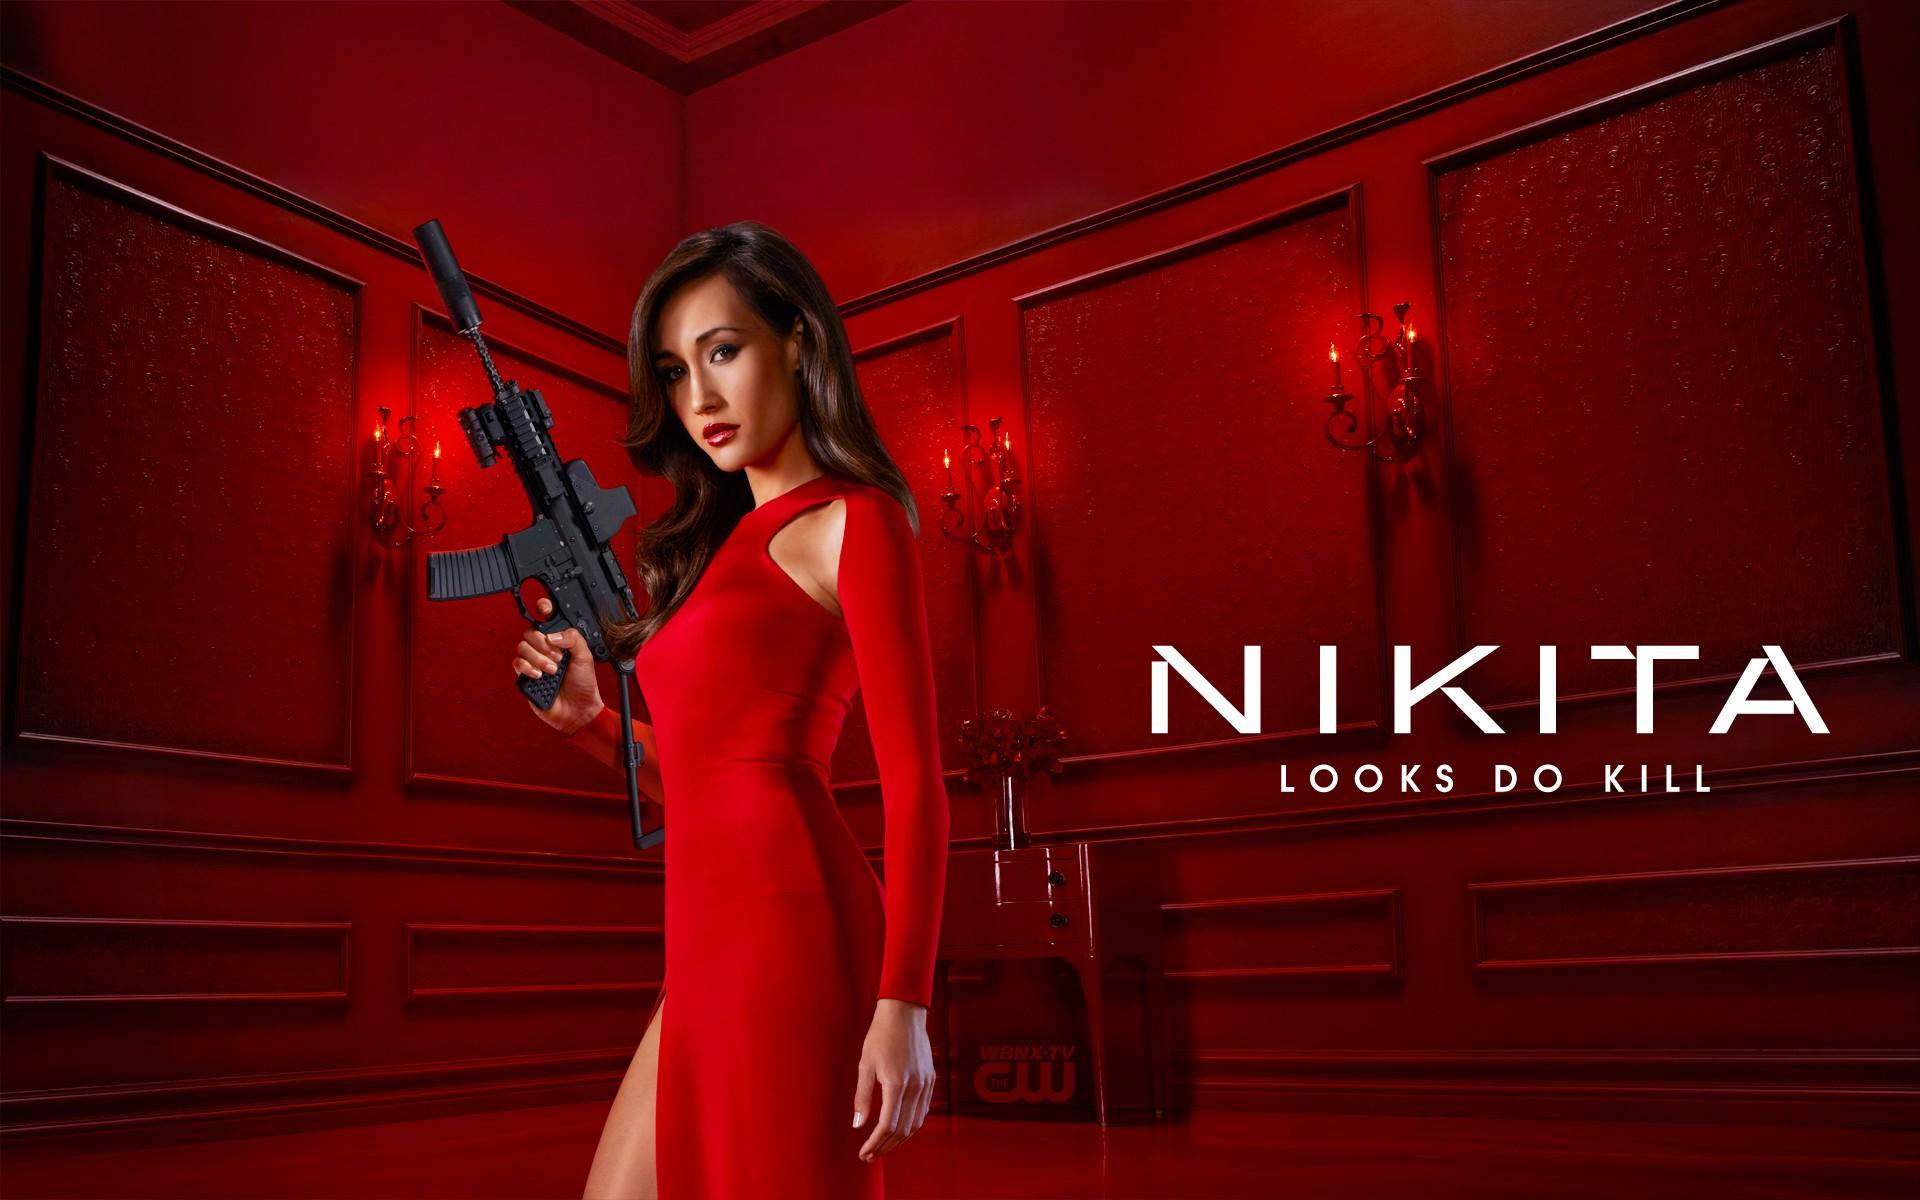 Un wallpaper per la nuova serie CW: Nikita